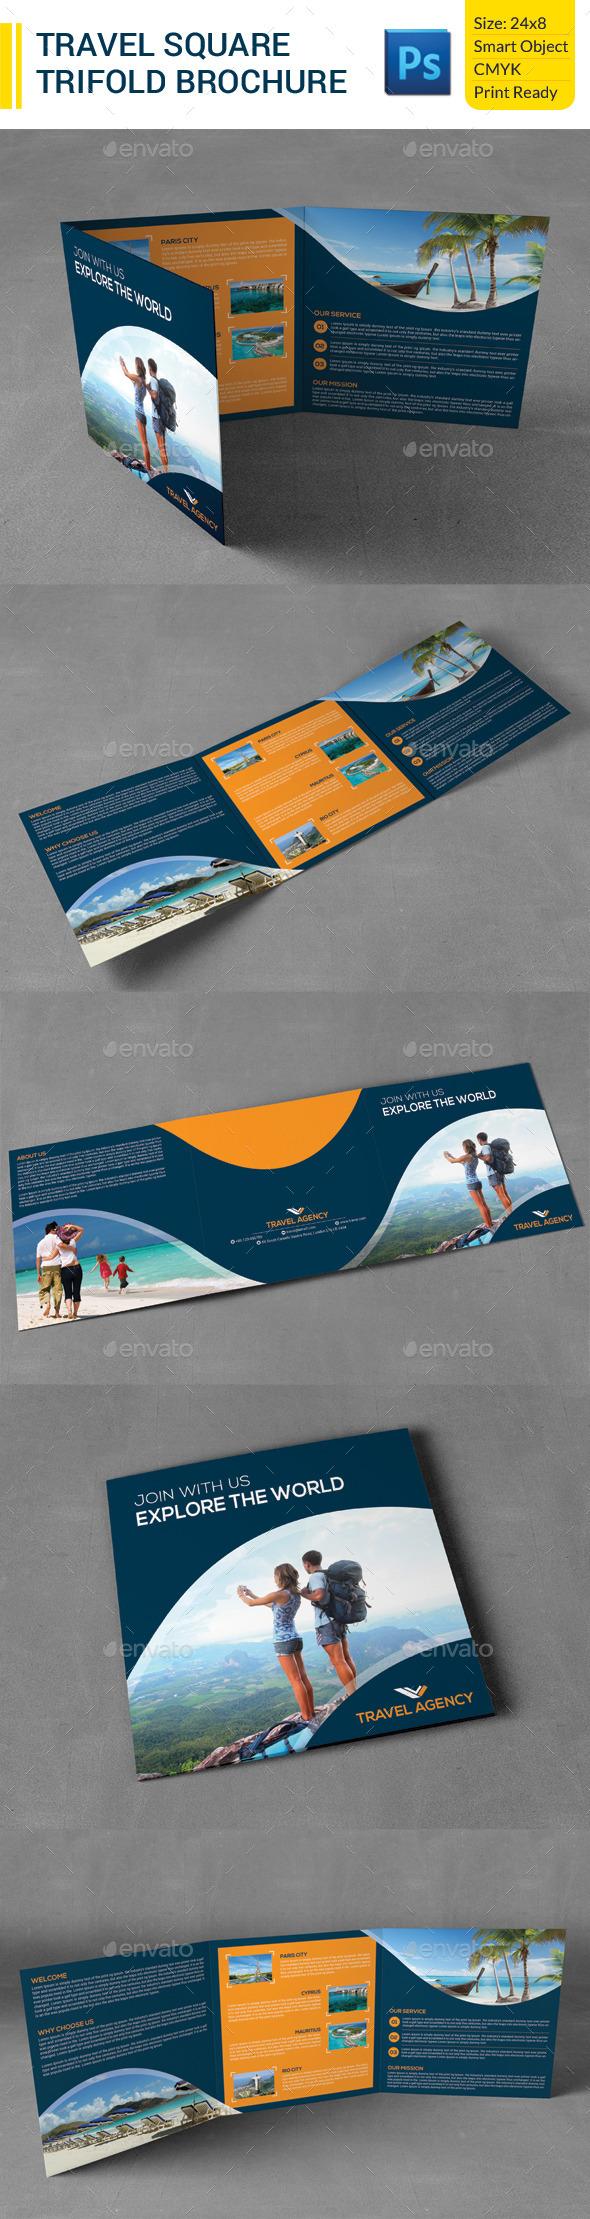 GraphicRiver Travel Square Trifold Brochure 9902084